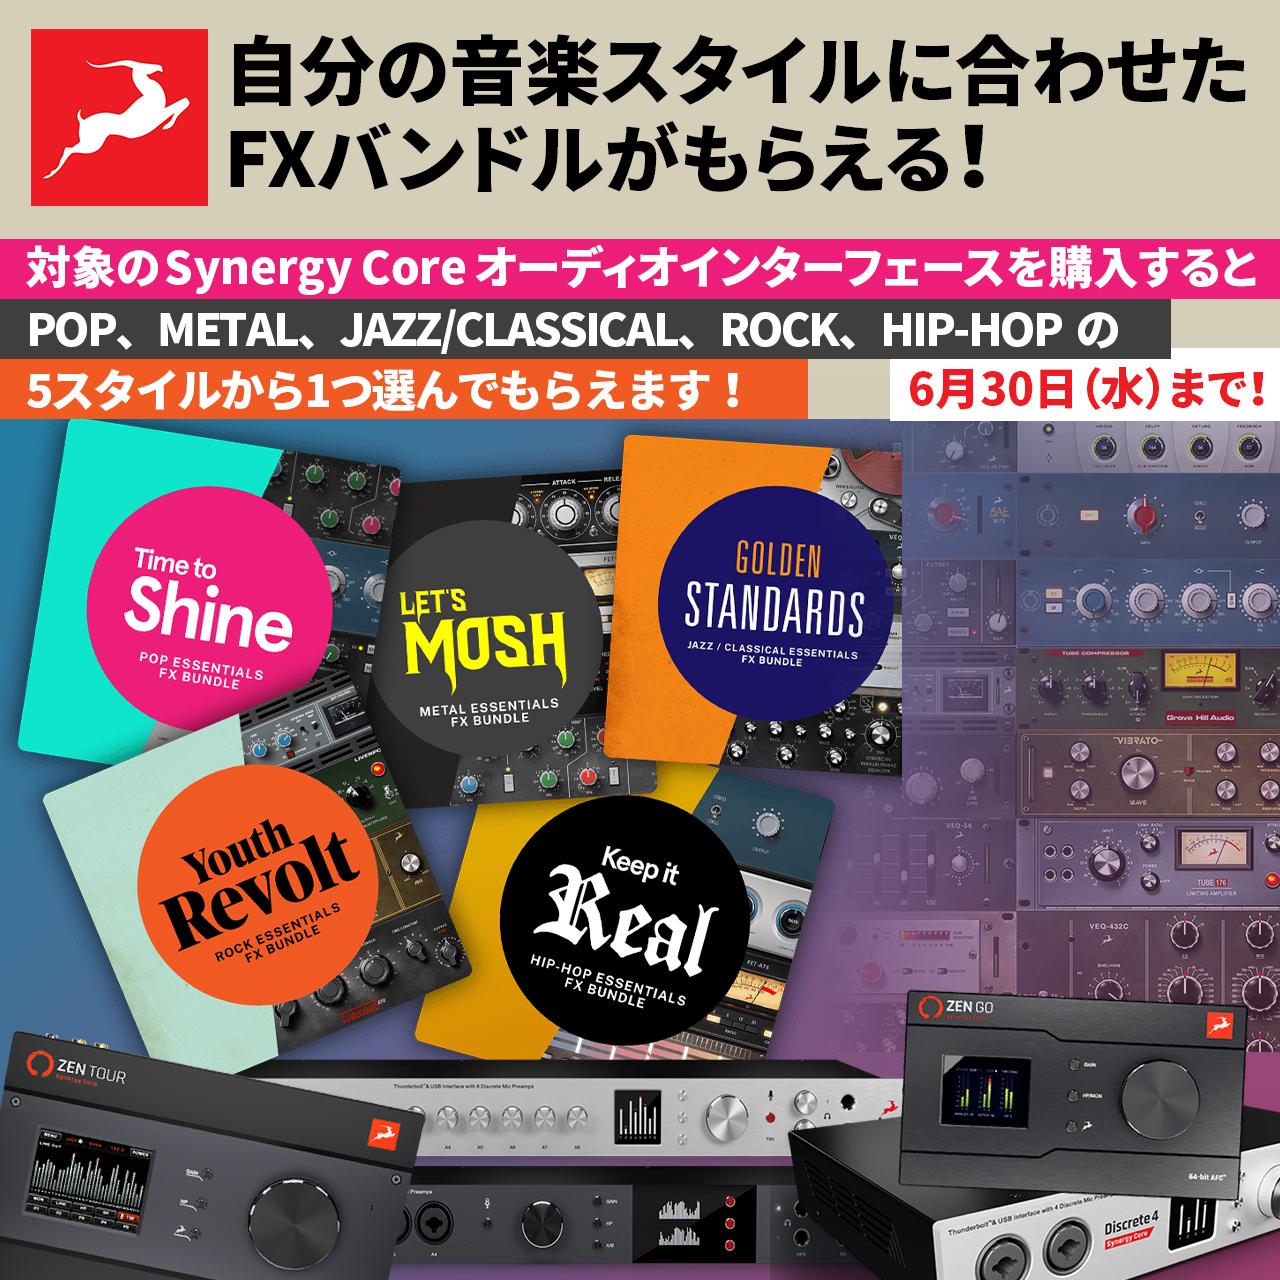 自分の音楽スタイルに合わせたFXバンドルがもらえる!Antelope Synergy Core